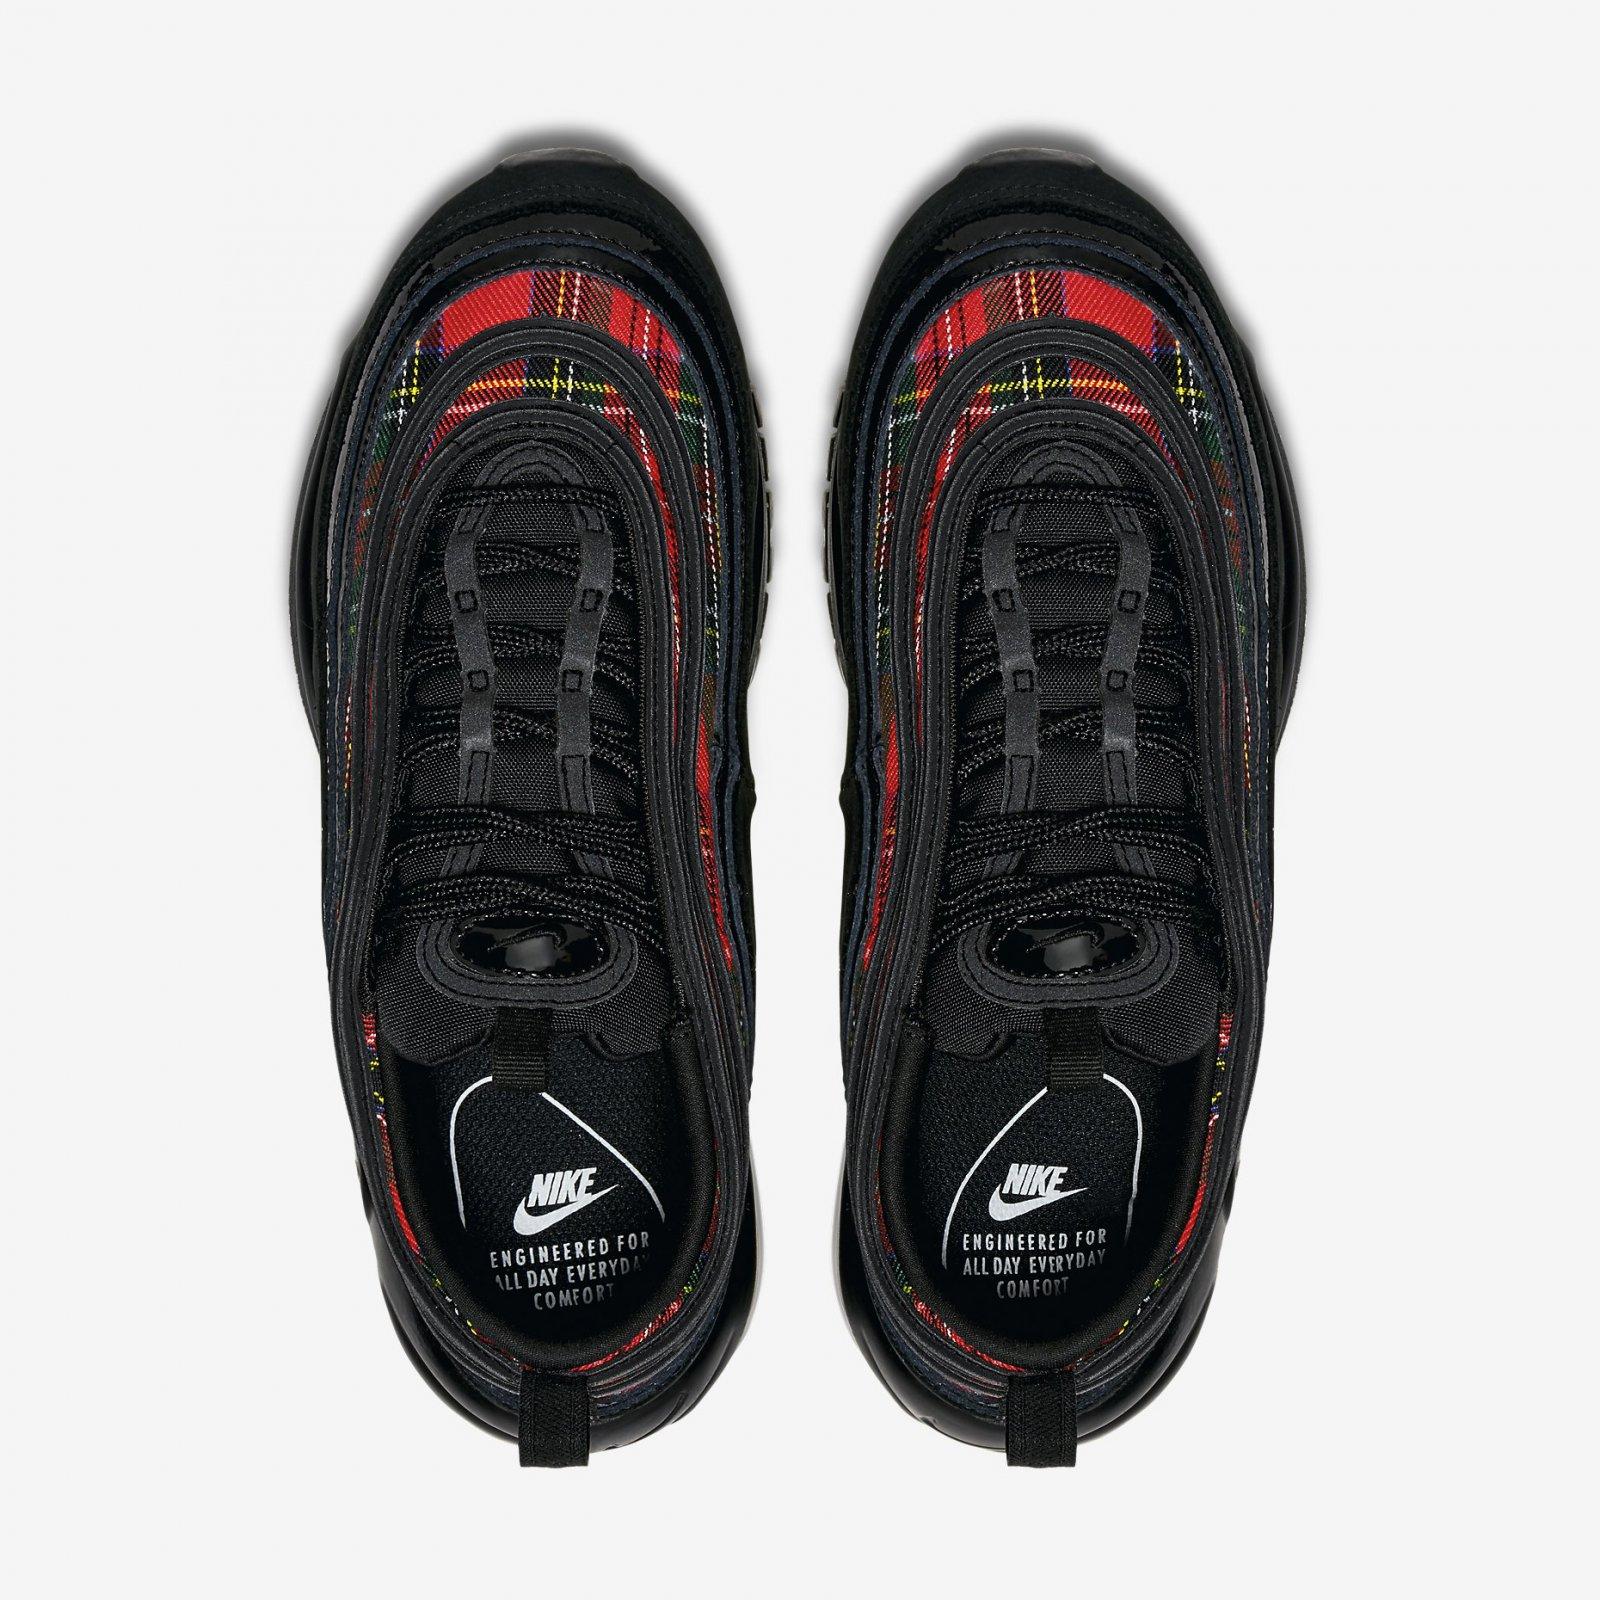 huge selection of e6cdf 85ffc Nike Women s Air Max 97 SE Tartan Black University Red Running Shoes  AV8220-001